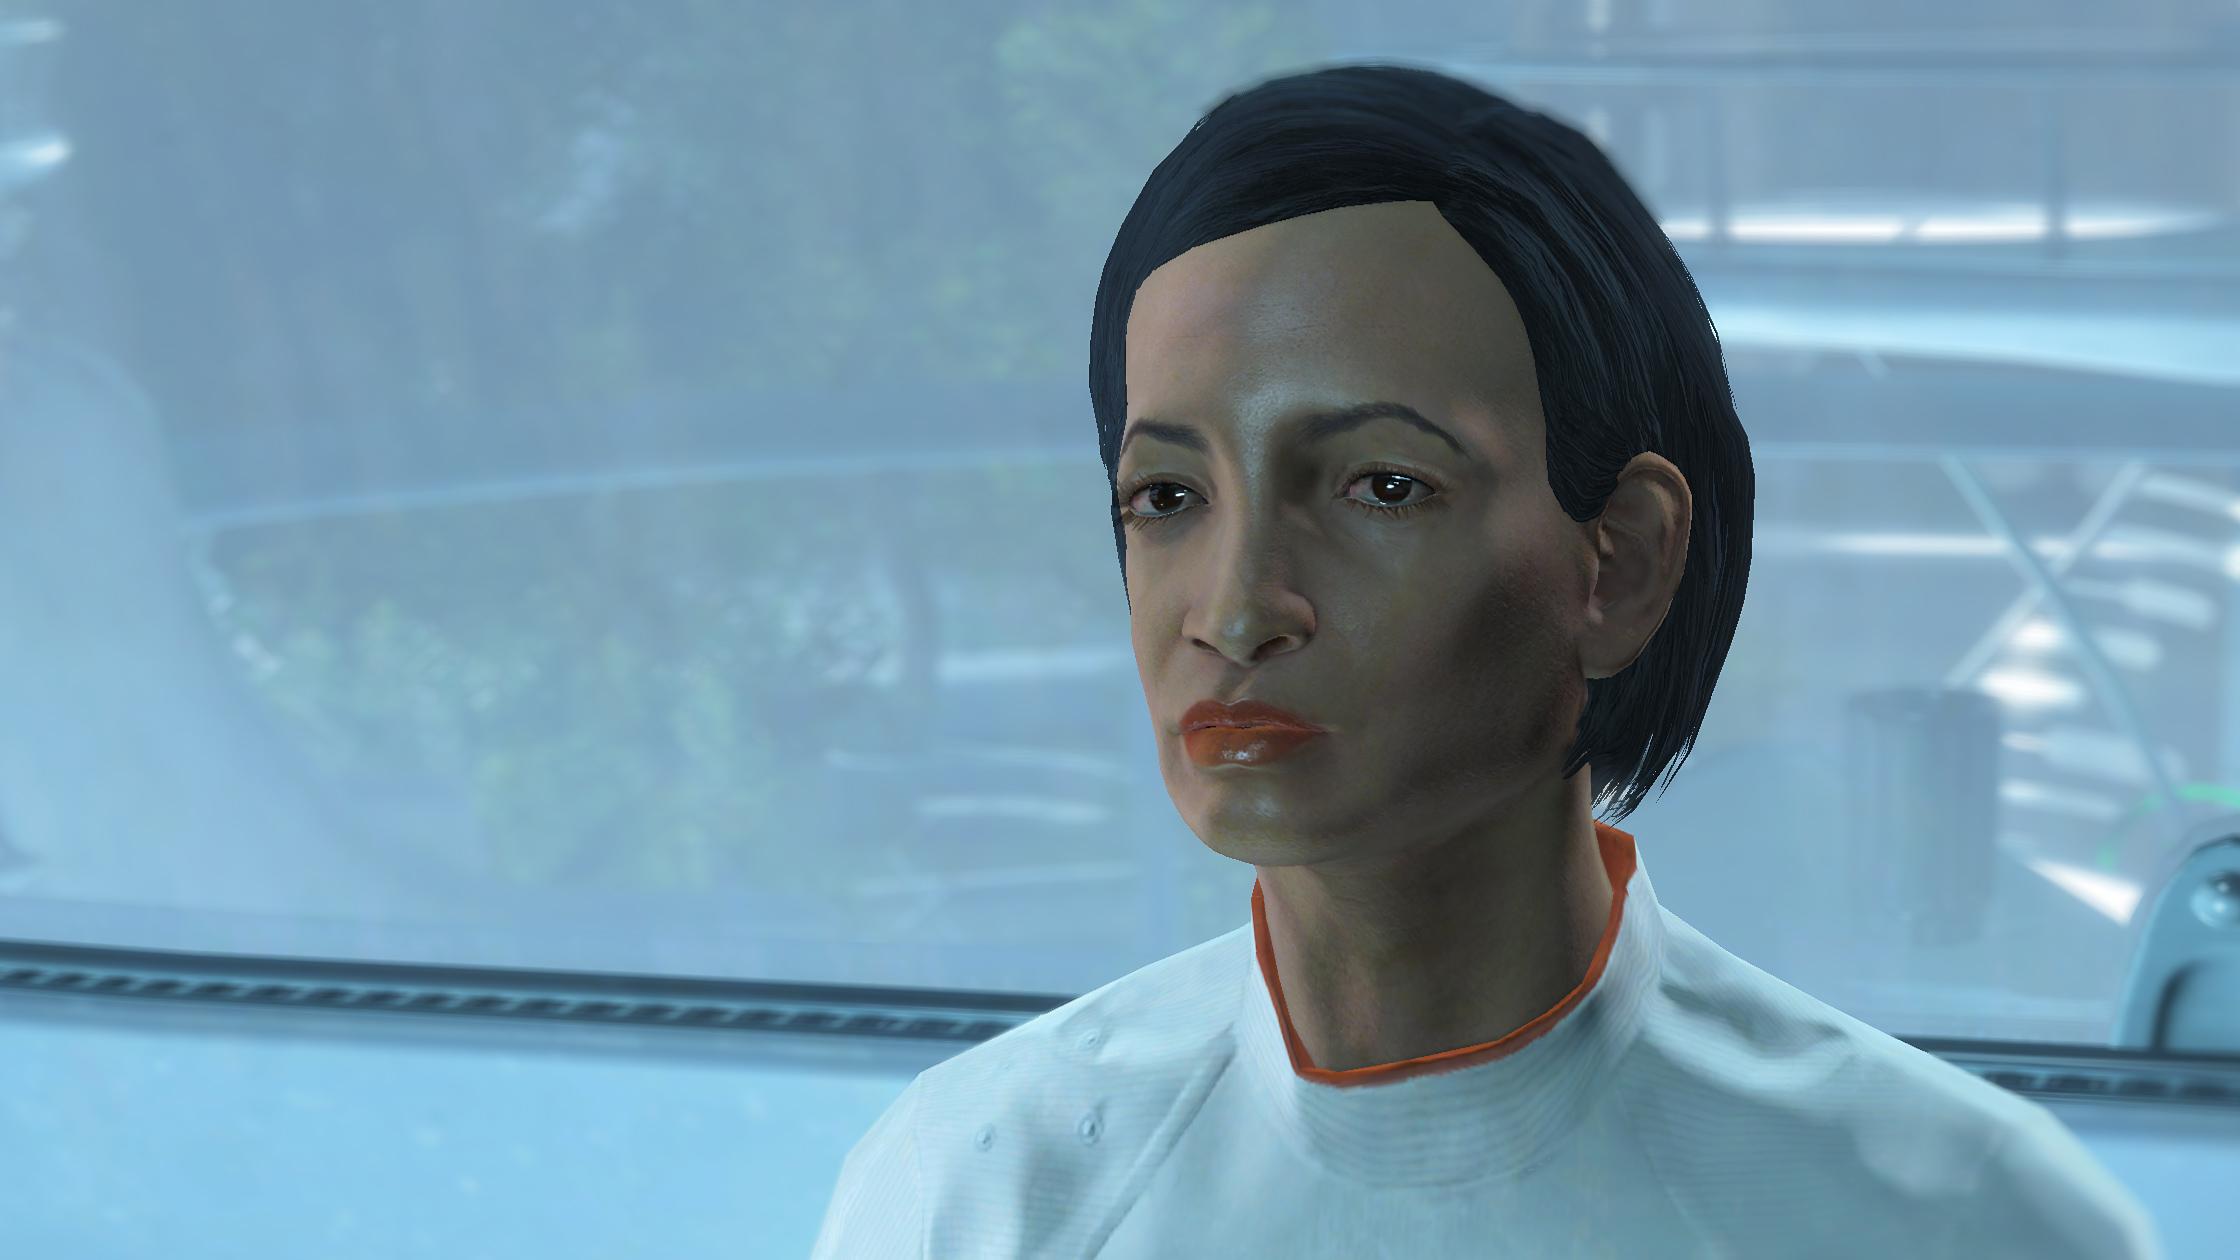 Ева (Fallout 4)